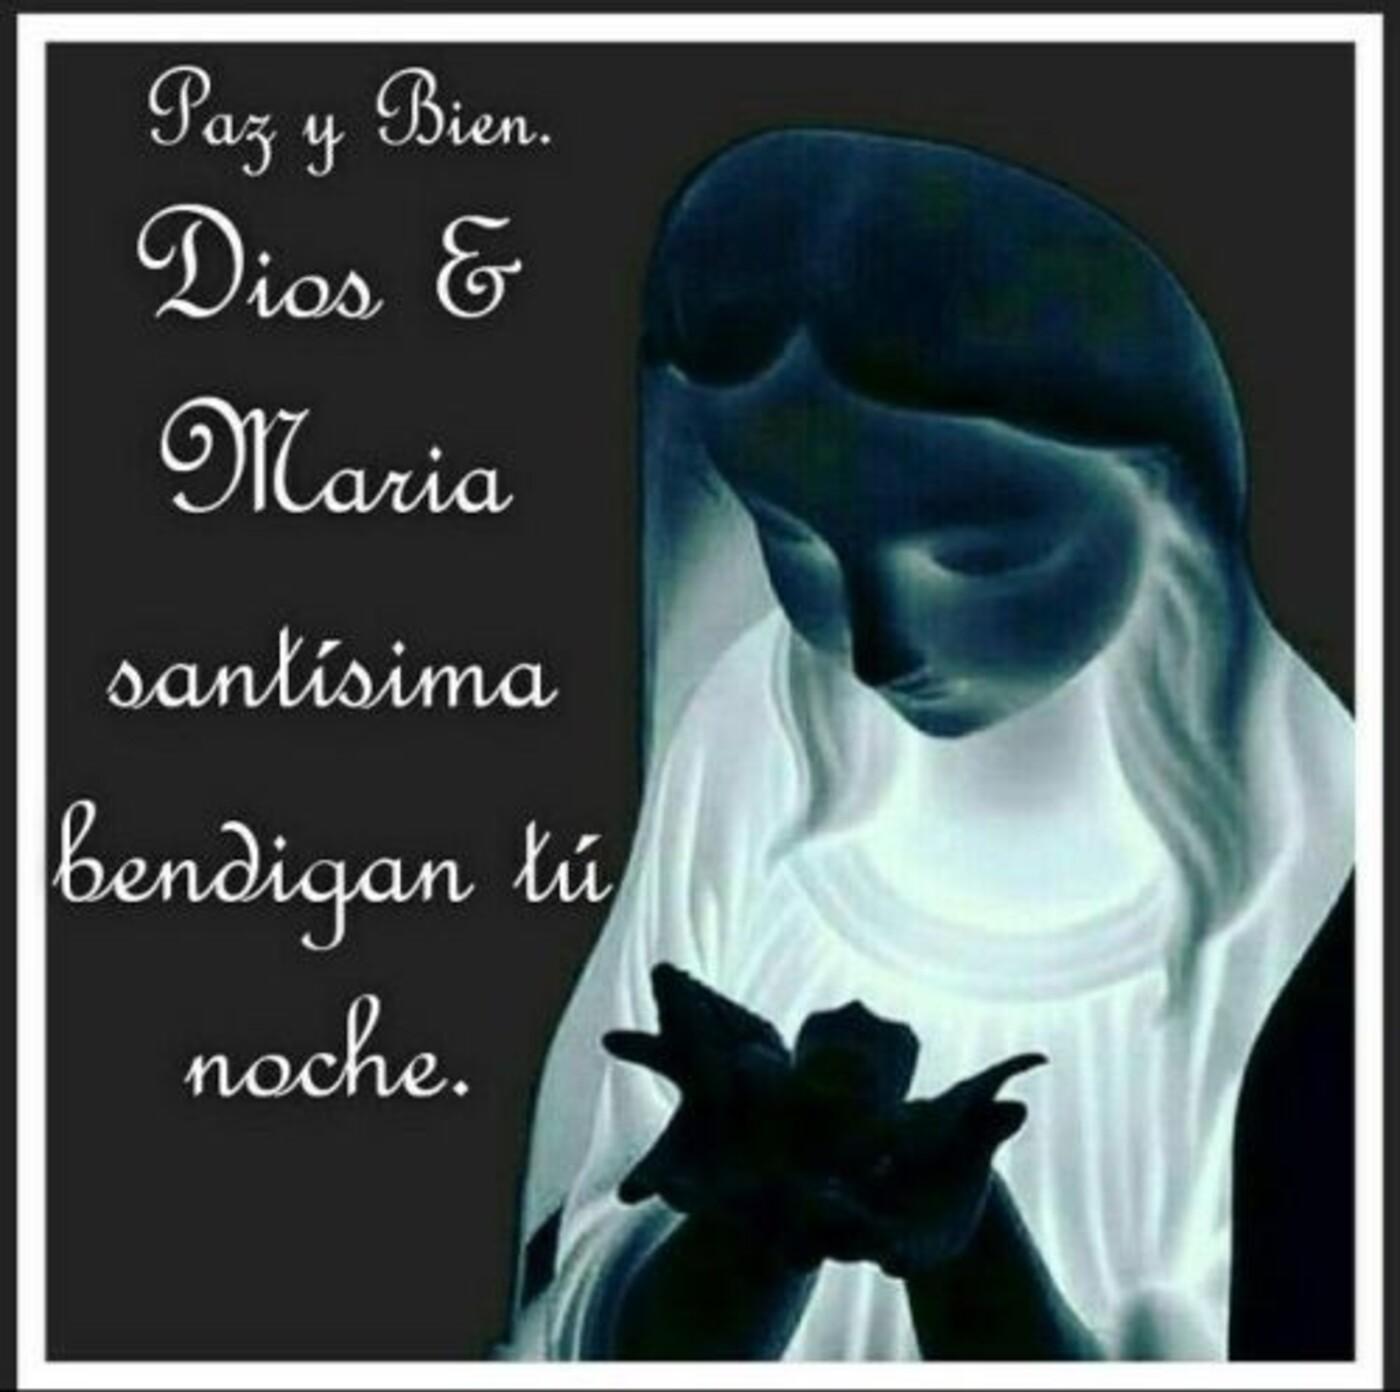 Paz y Bien. Dios e Maria Santisima bendigan tu noche